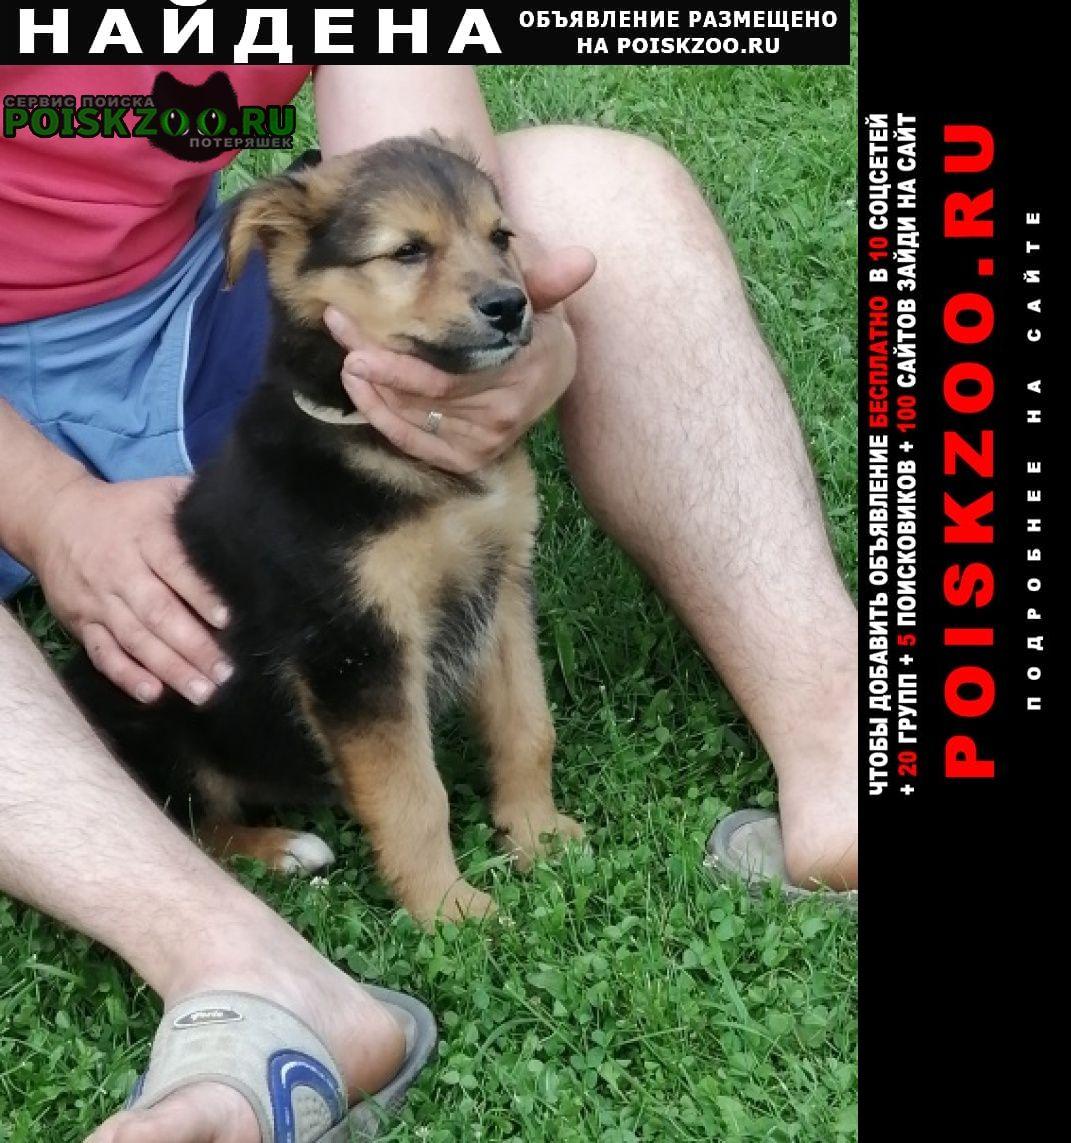 Найдена собака Дзержинский